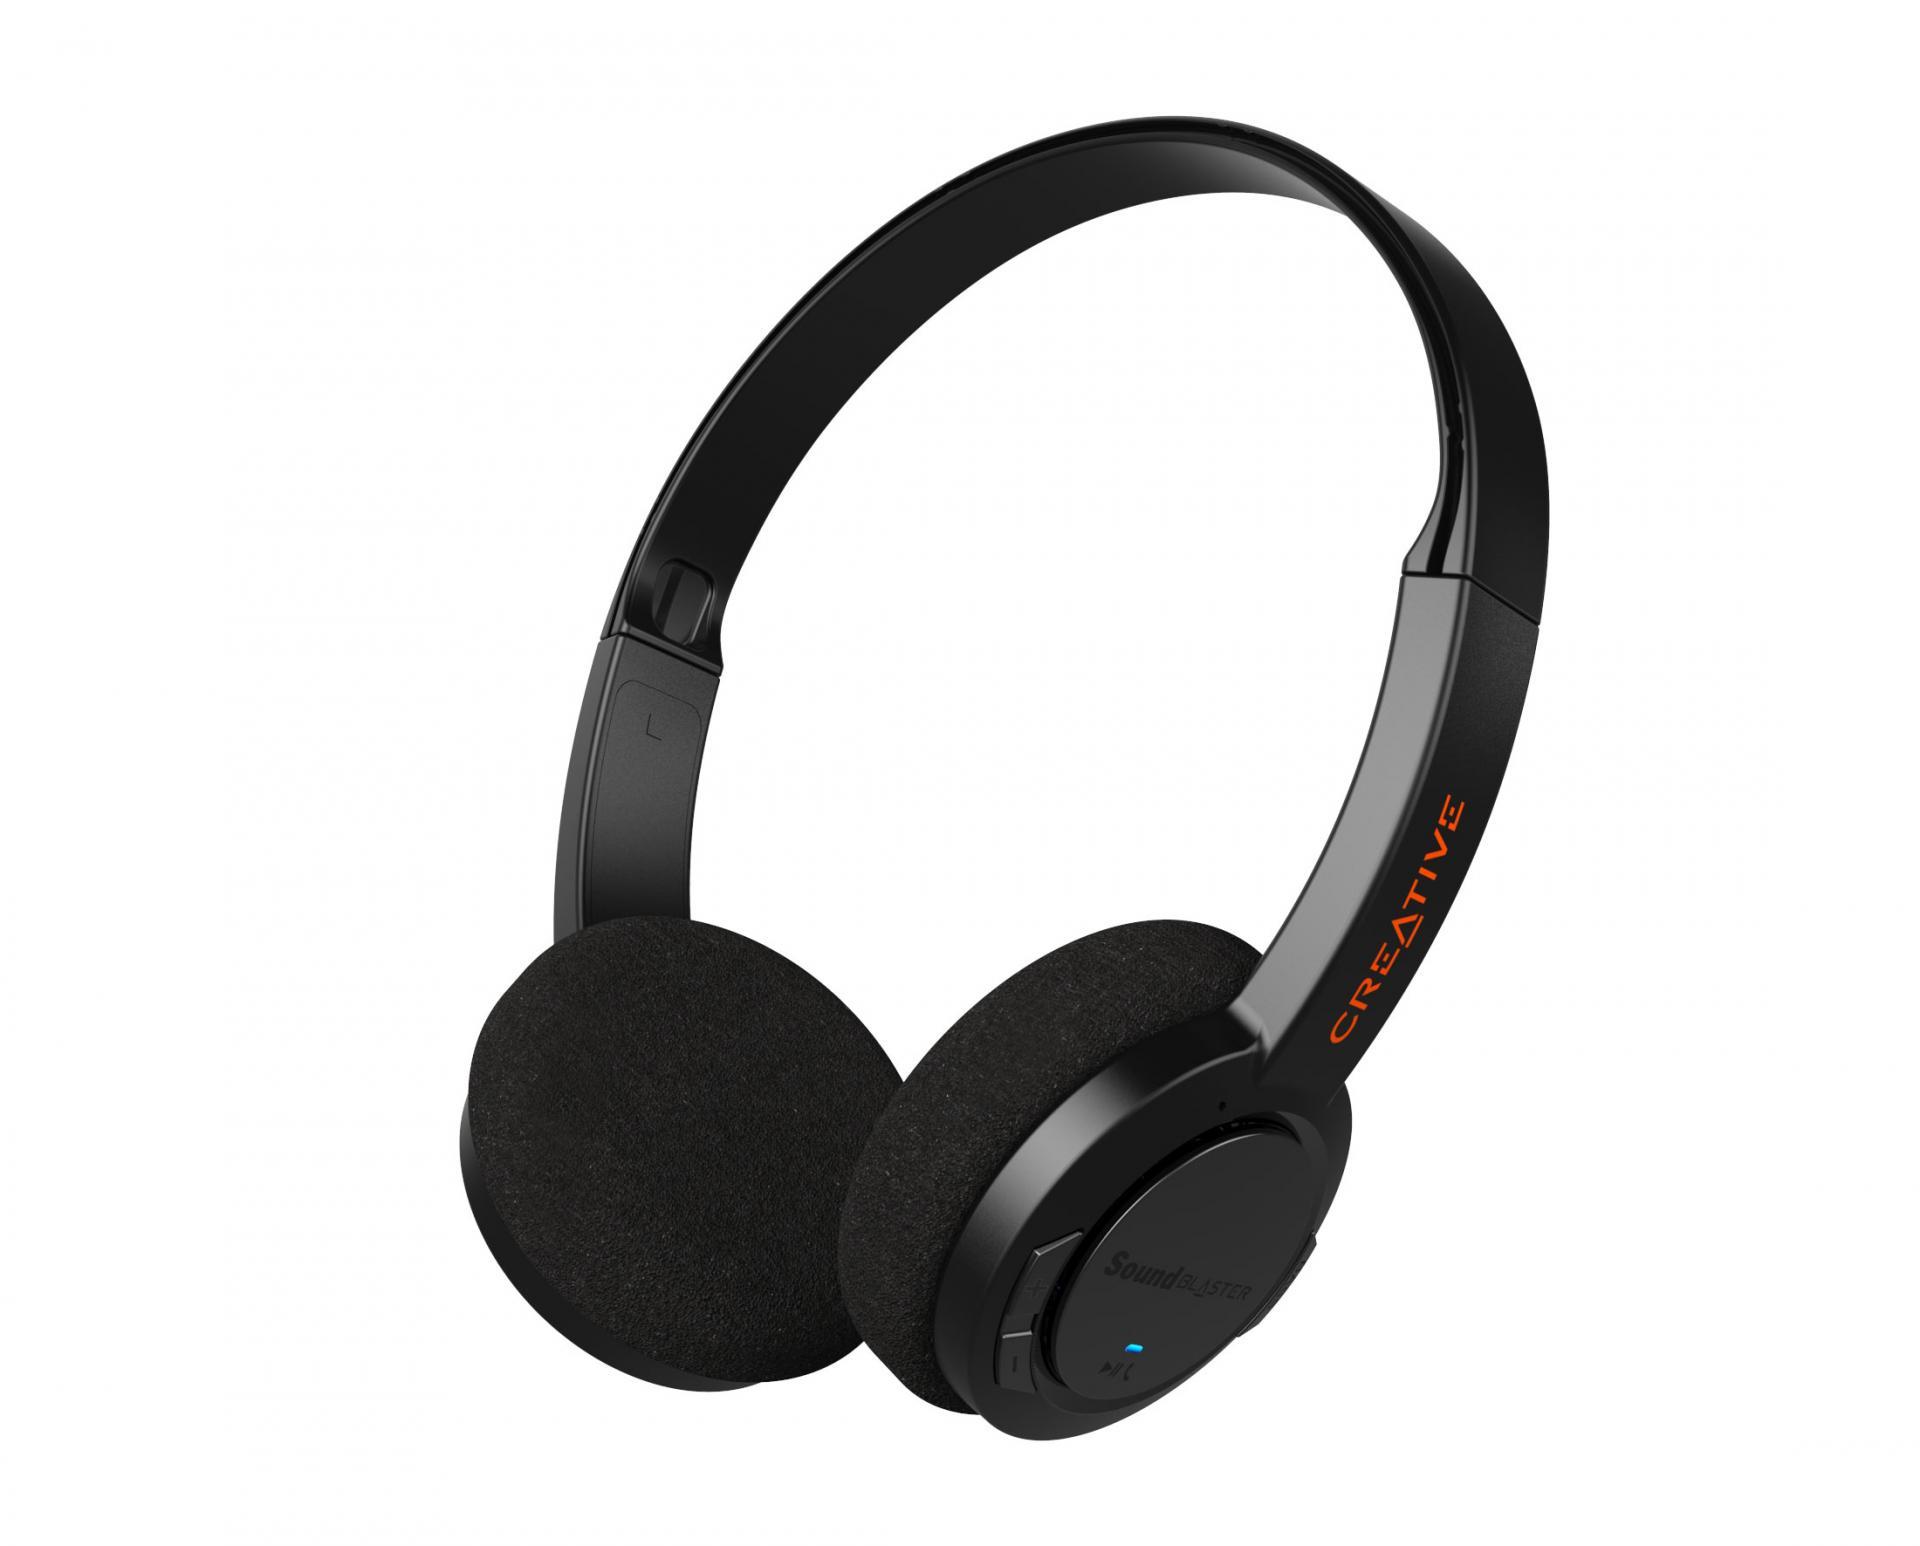 Creative запускает в продажу недорогую гарнитуру Sound Blaster JAM V2